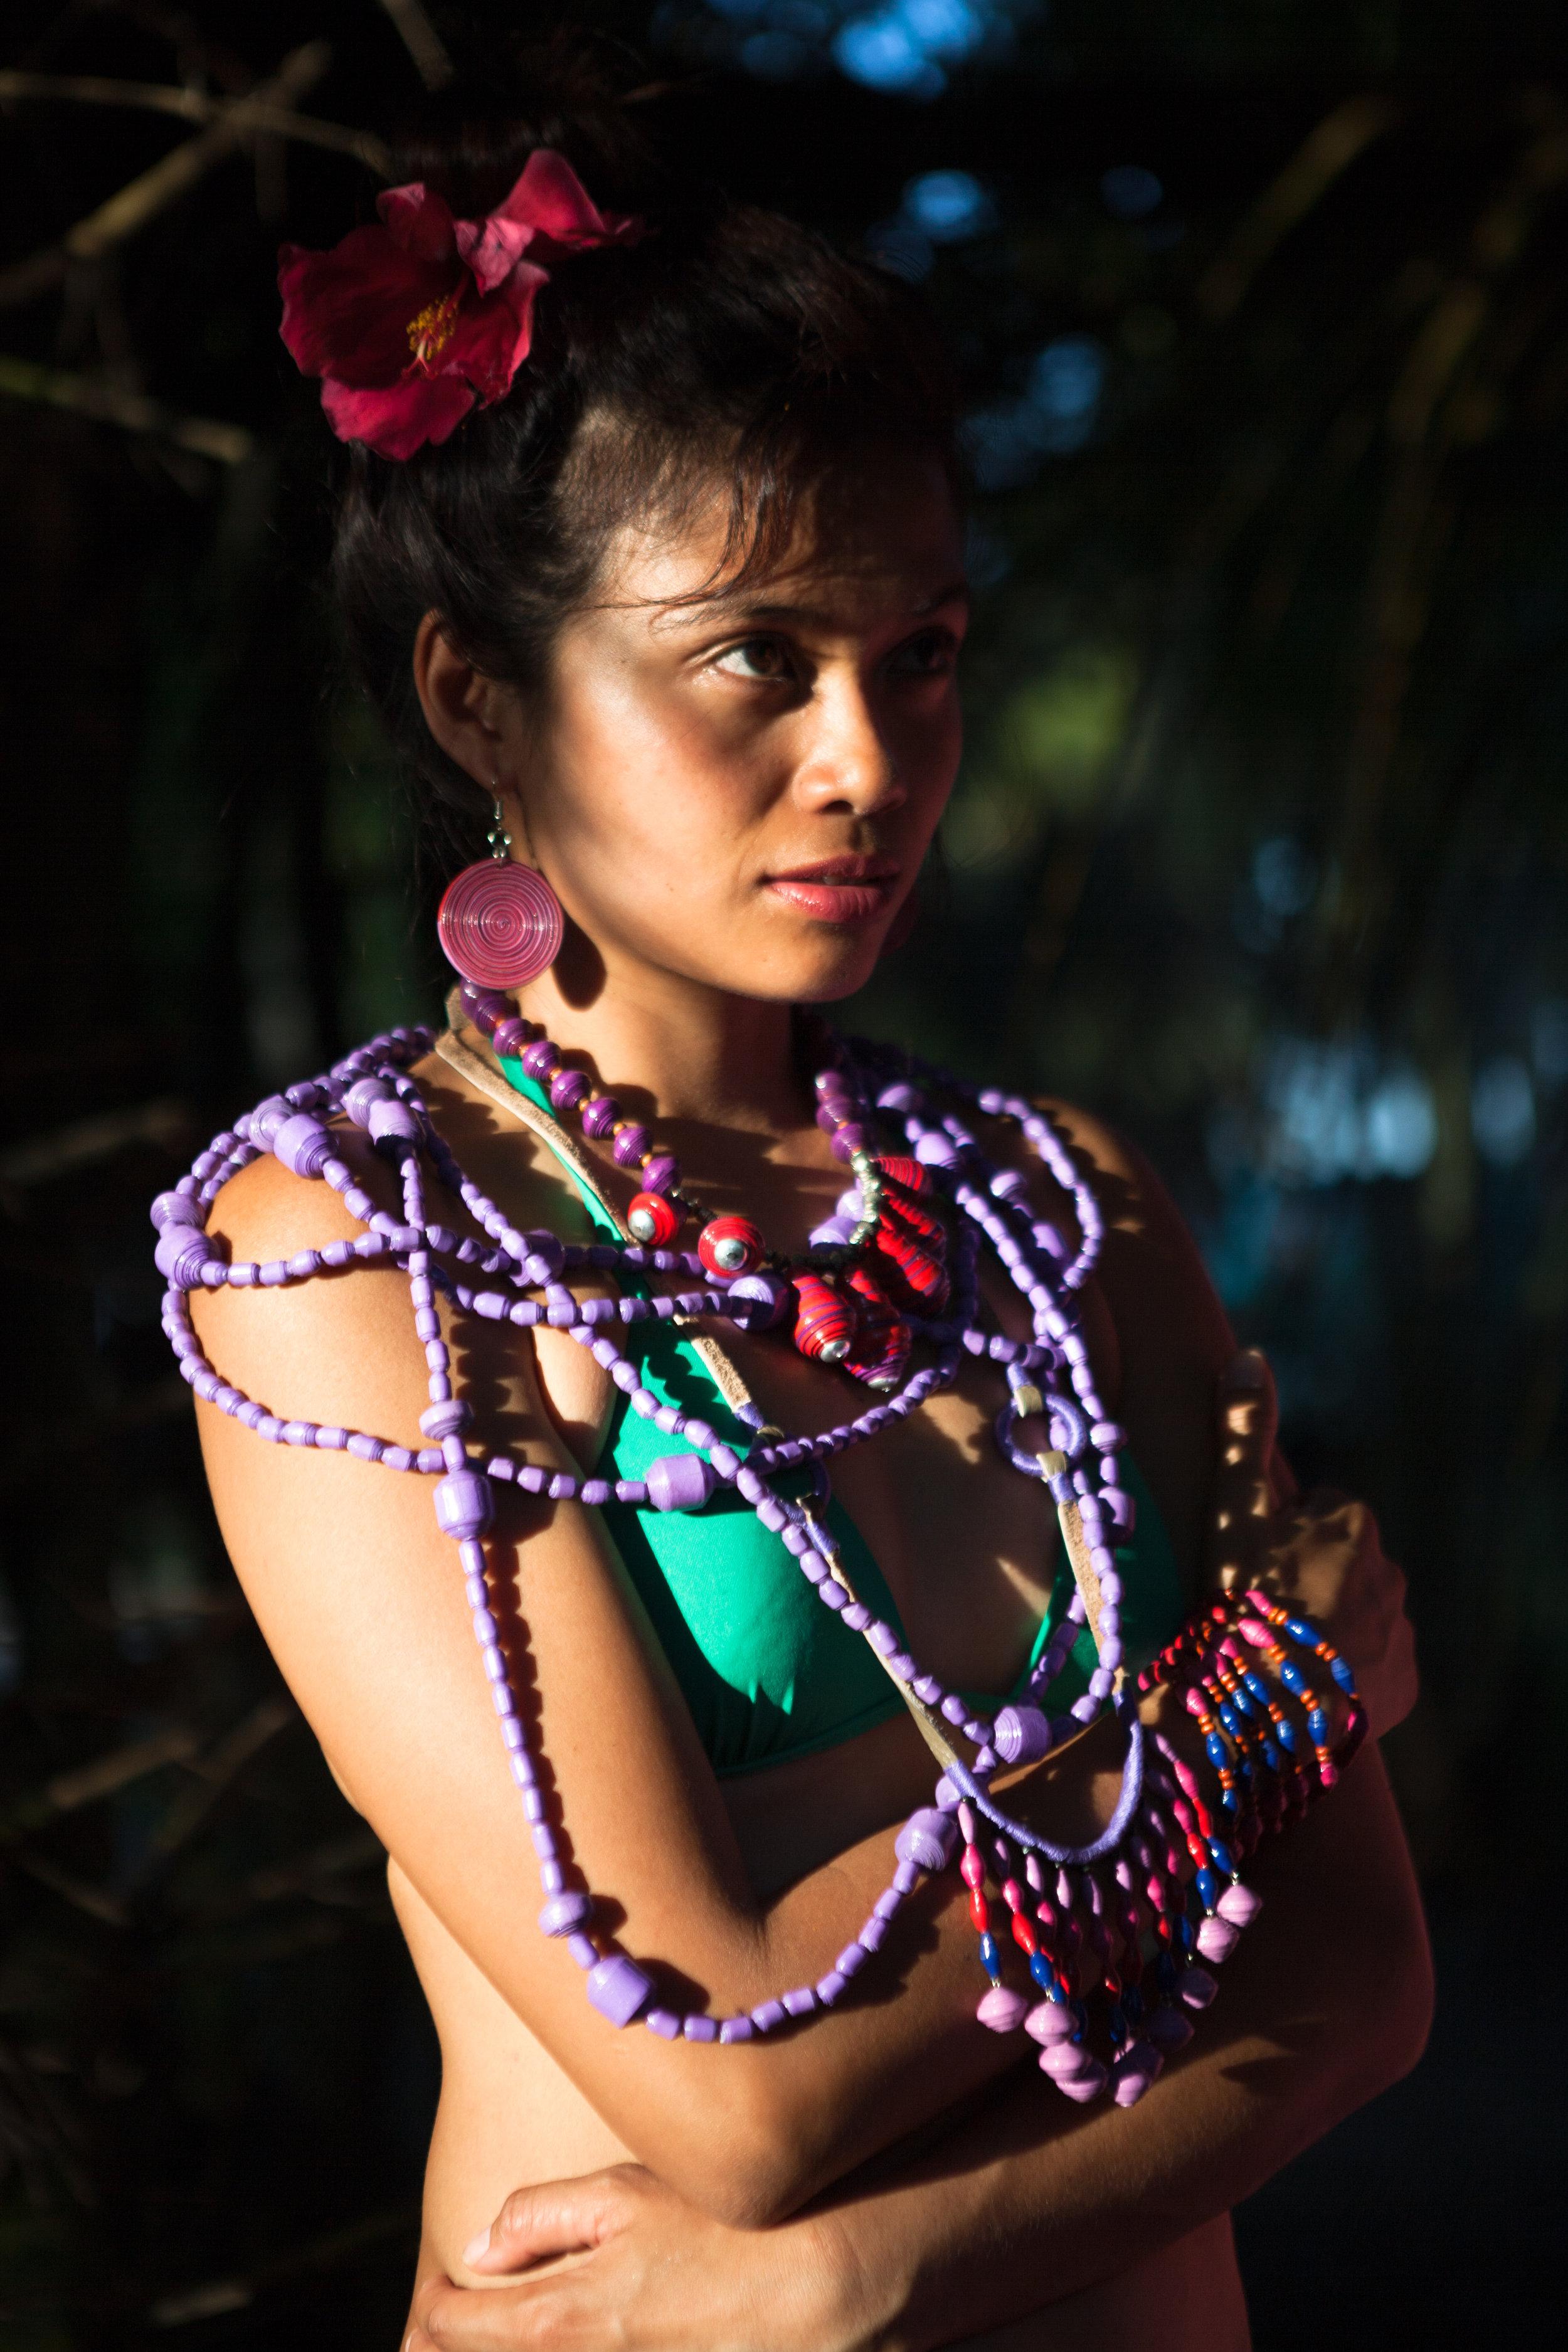 Frida Kahlo handmade upcycled colourful jewelry, Philippines